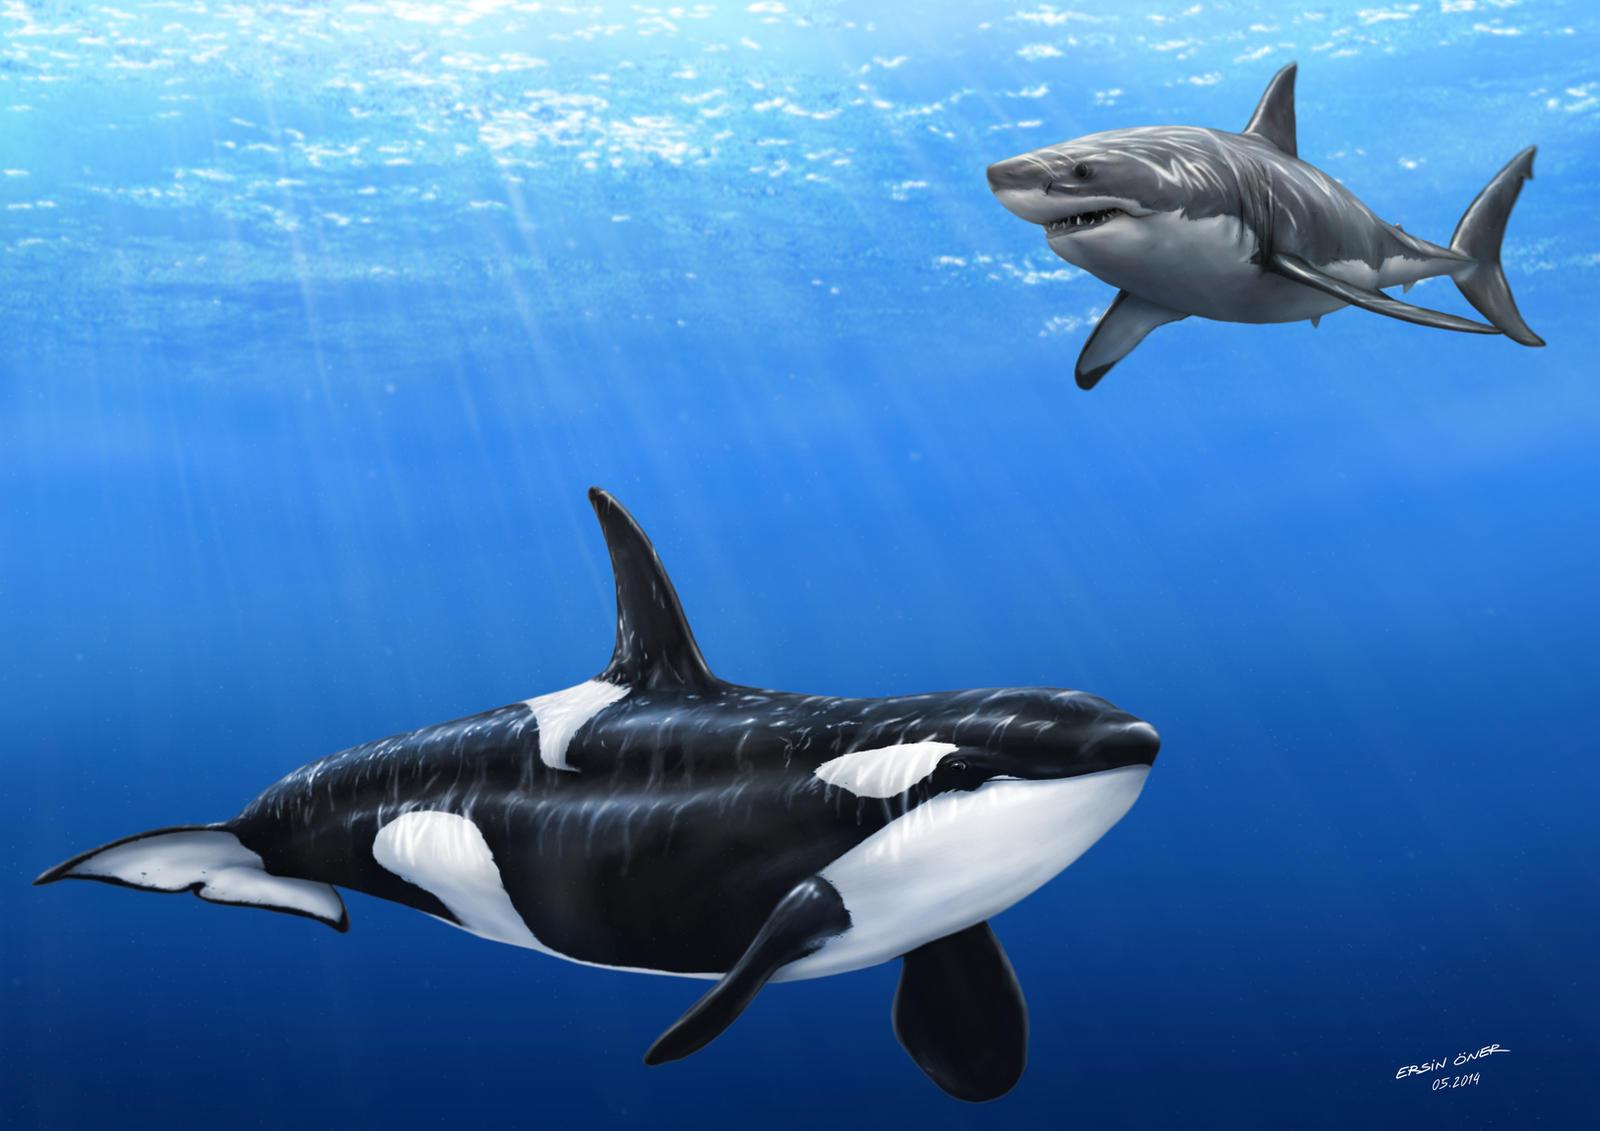 killer whale attacks - 1062×751